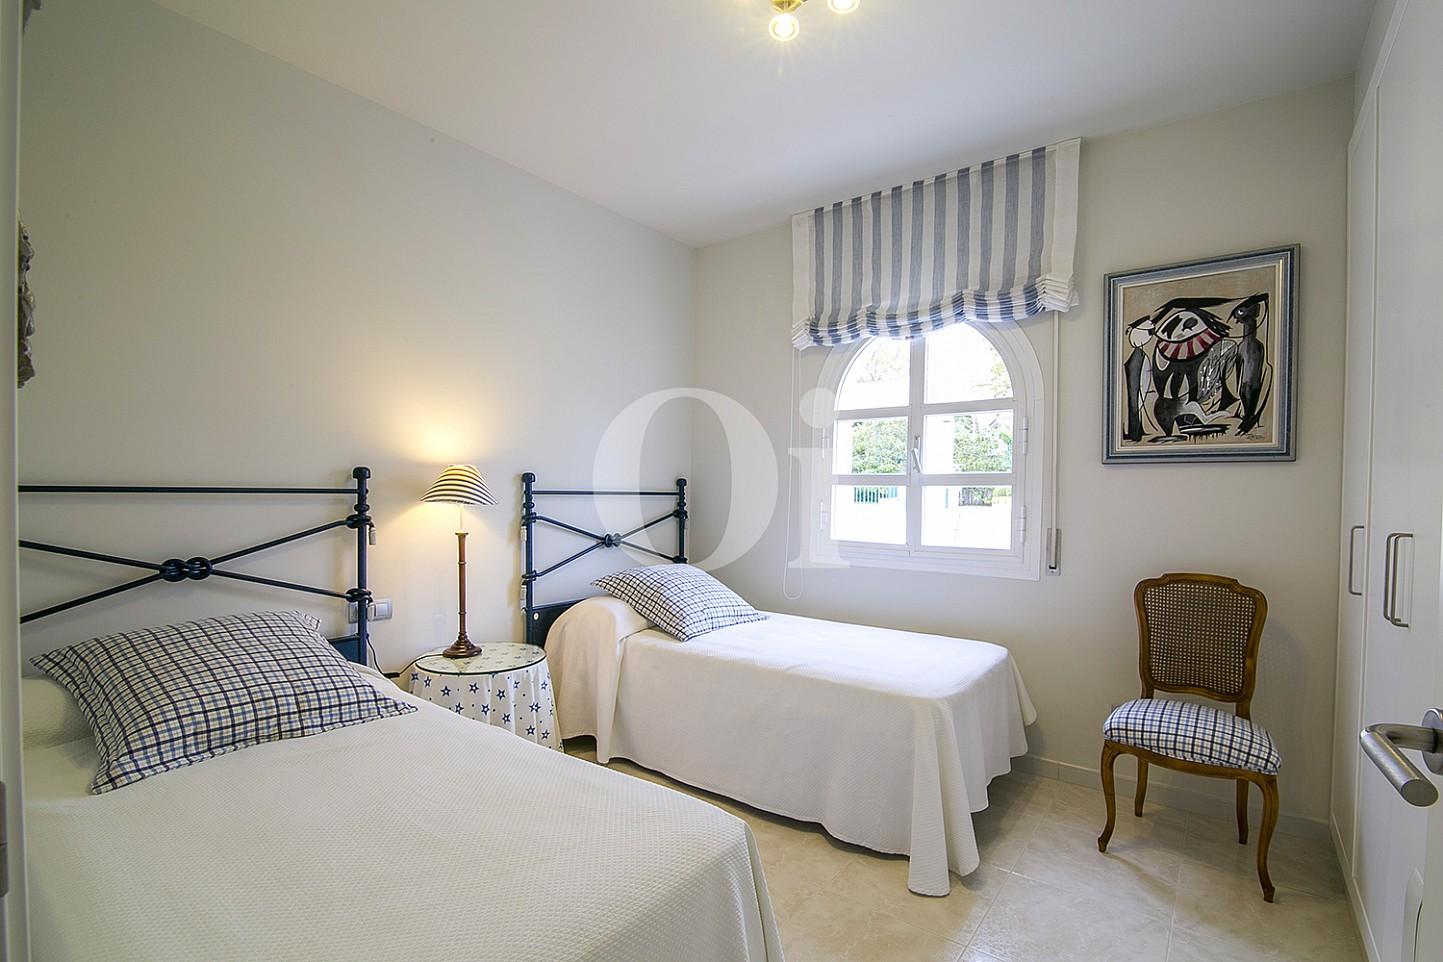 Dormitorio con dos camas de lujoso ático dúplex en venta en S'Agaró, Costa Brava